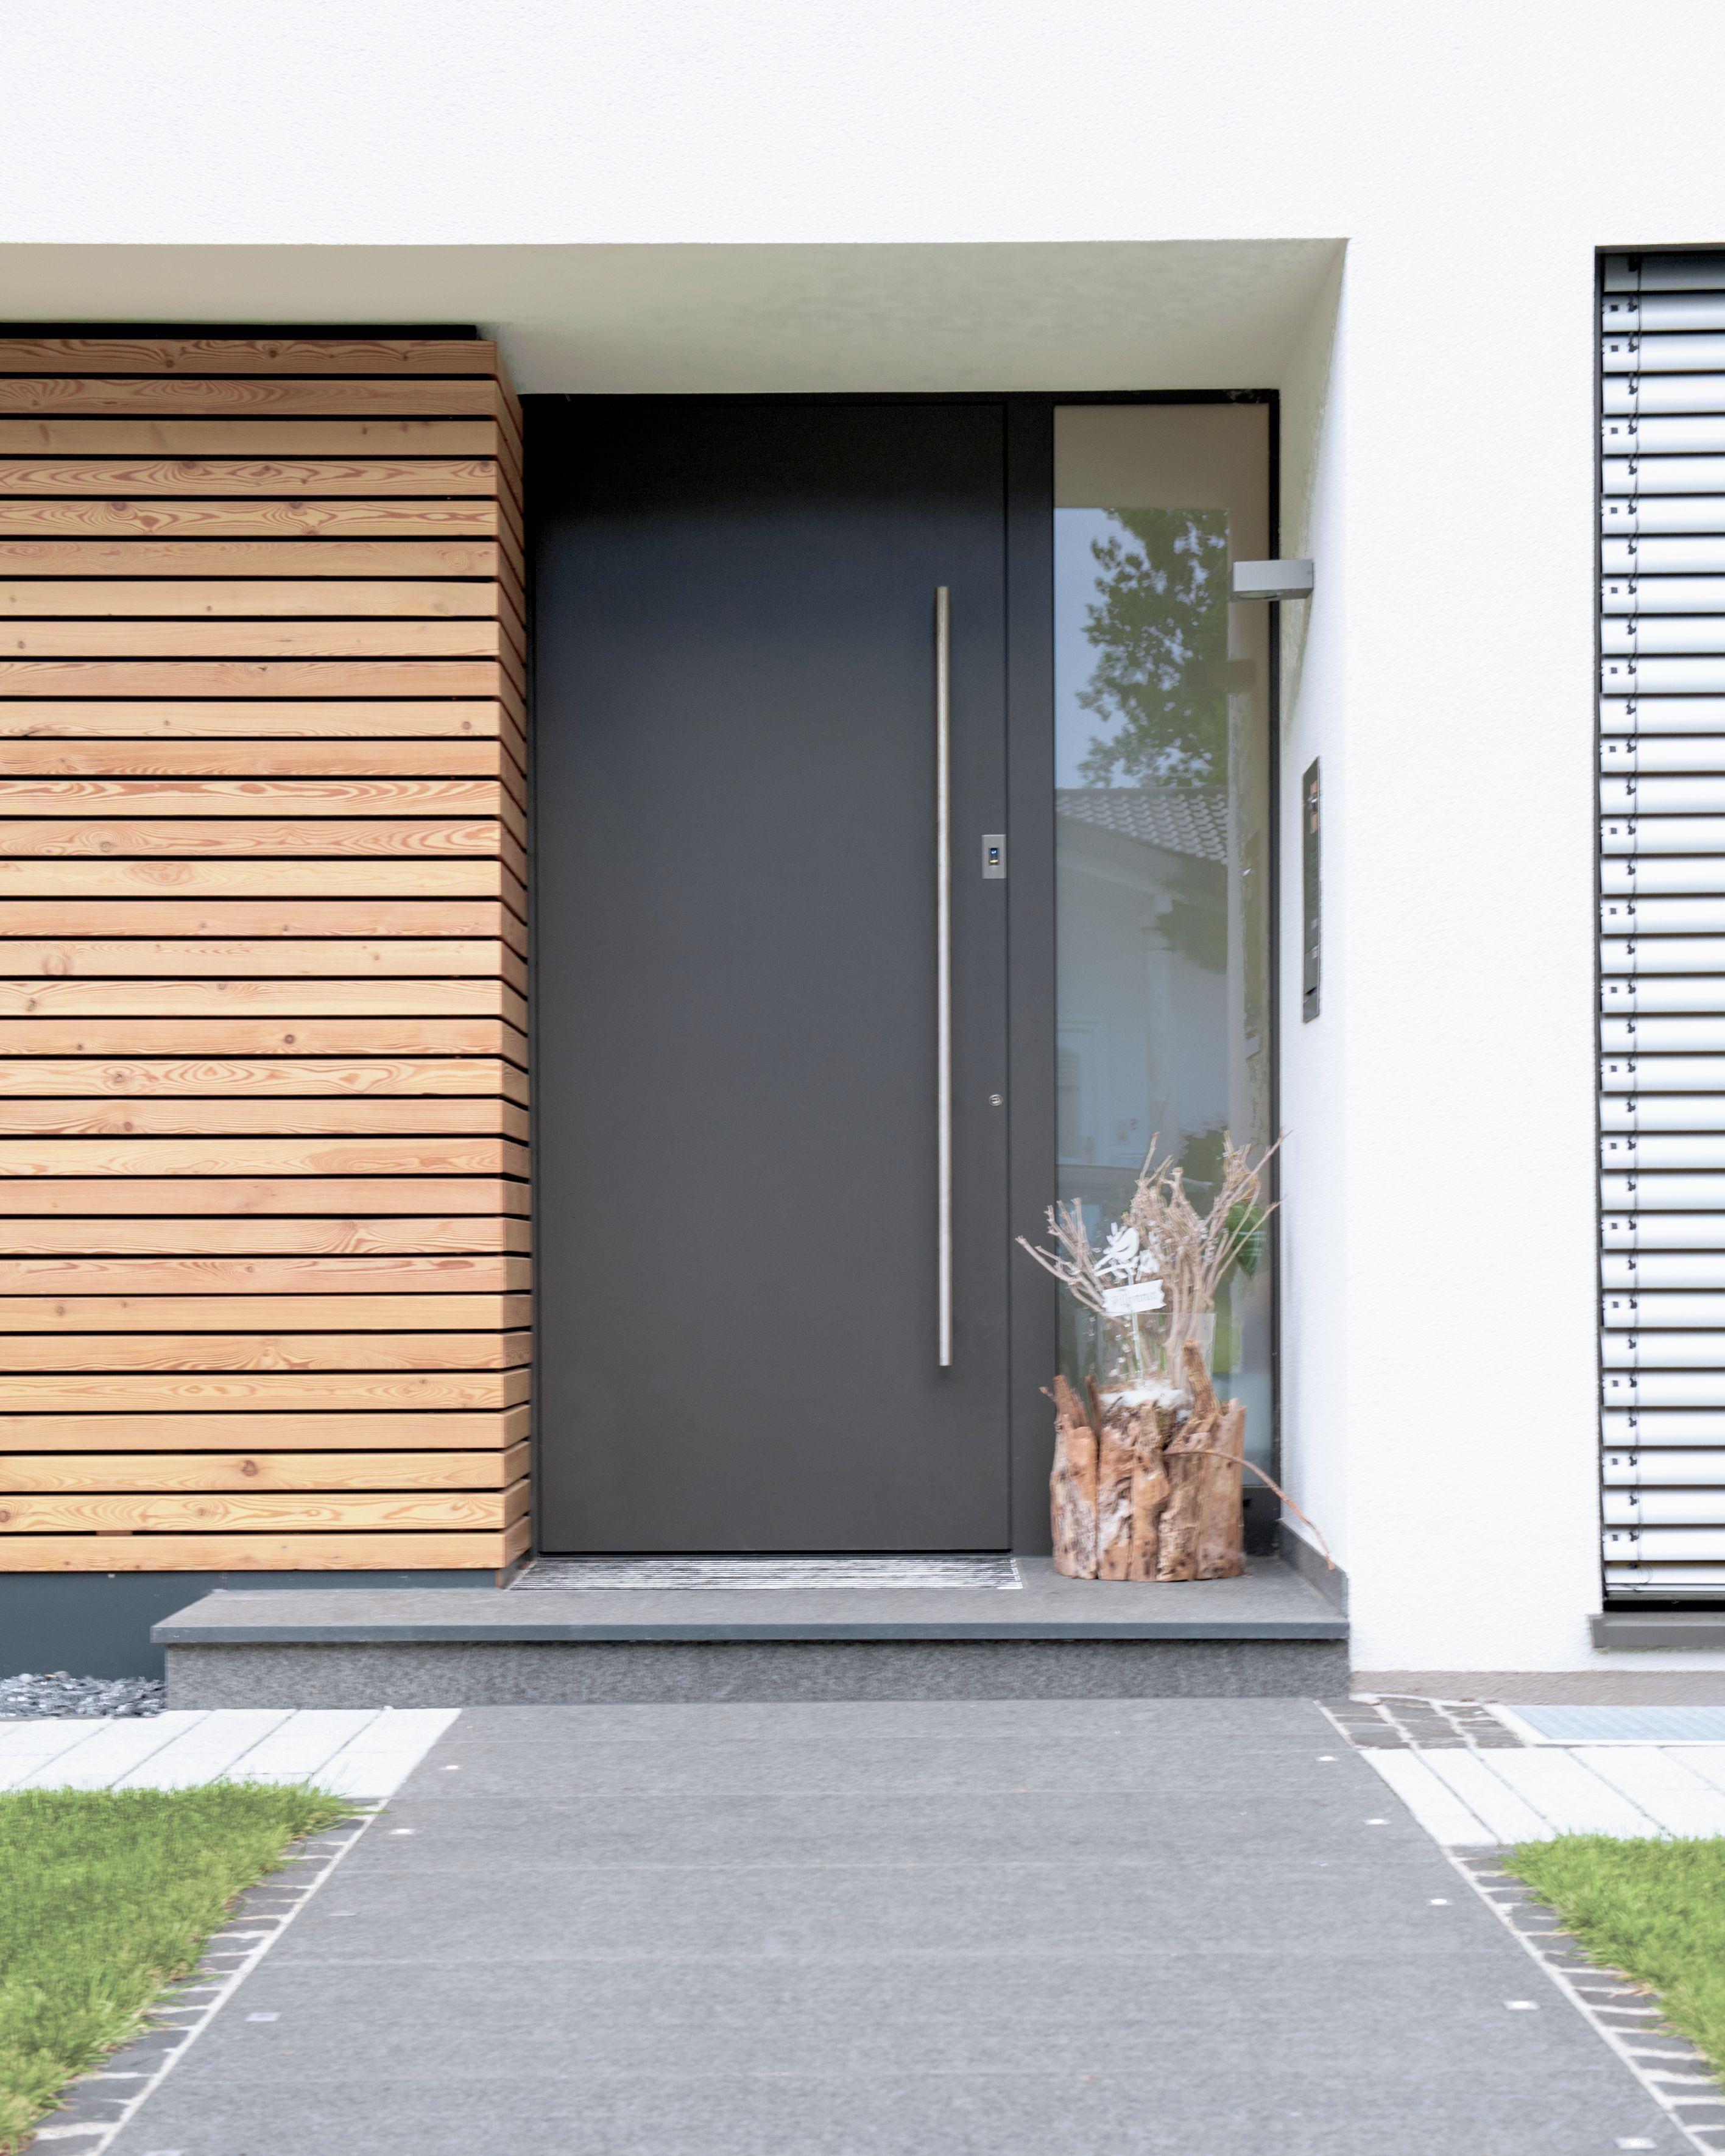 Das Zusammenspiel der rauhen Textur von Holz mit der glatten von Aluminium, gibt dieser architektonischen Komposition seinen besonderen Reiz.